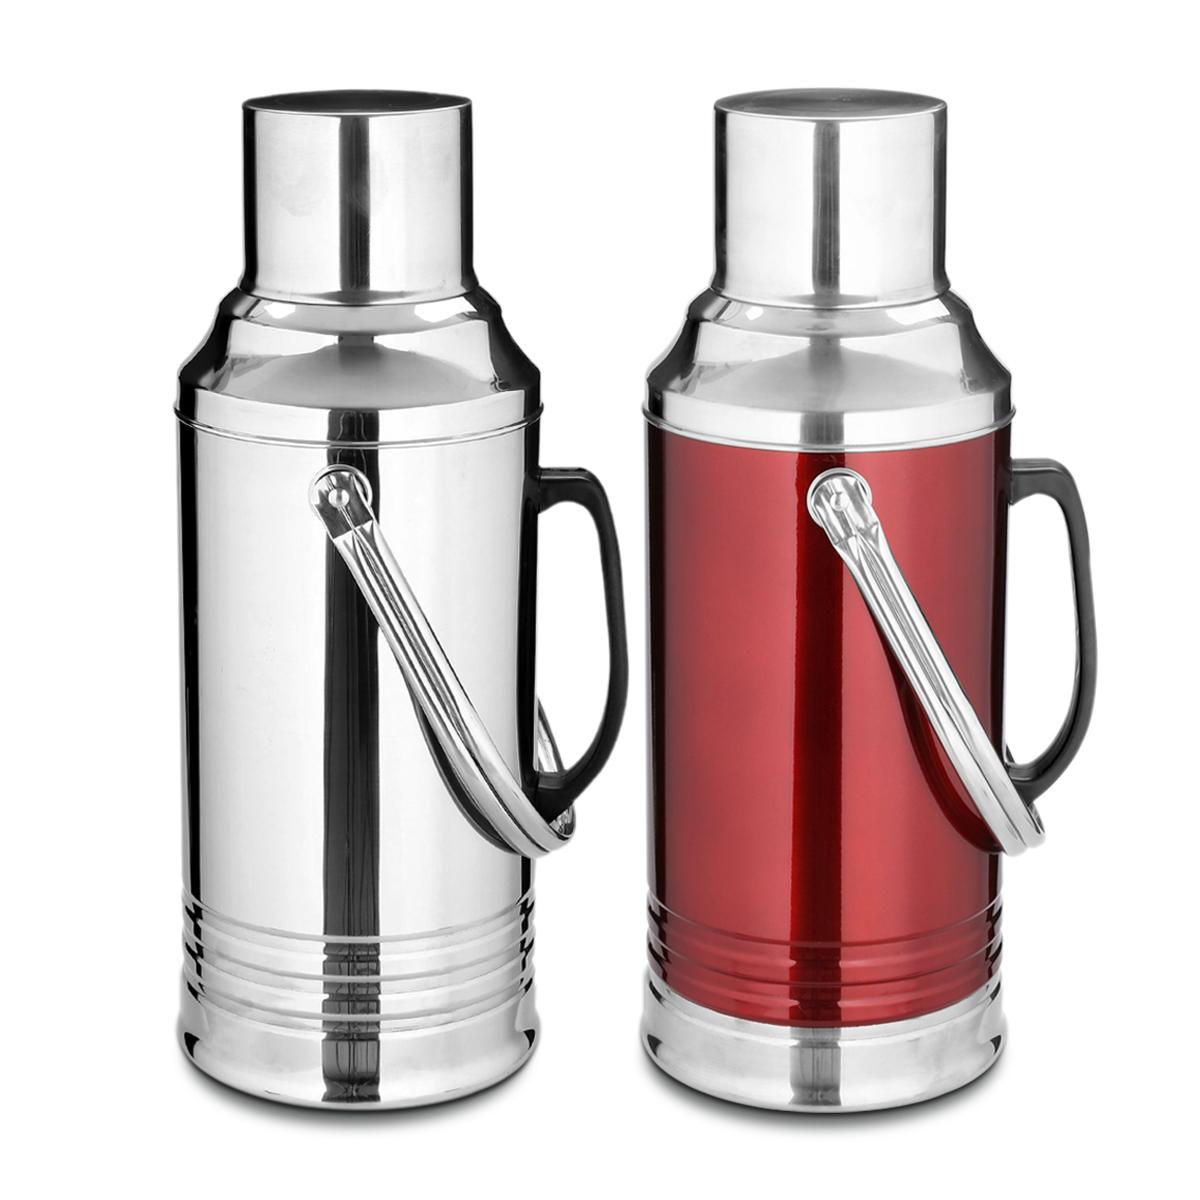 水瓶_热水瓶家用开水瓶不锈钢保温暖瓶玻璃内胆保温壶保温24小时以上